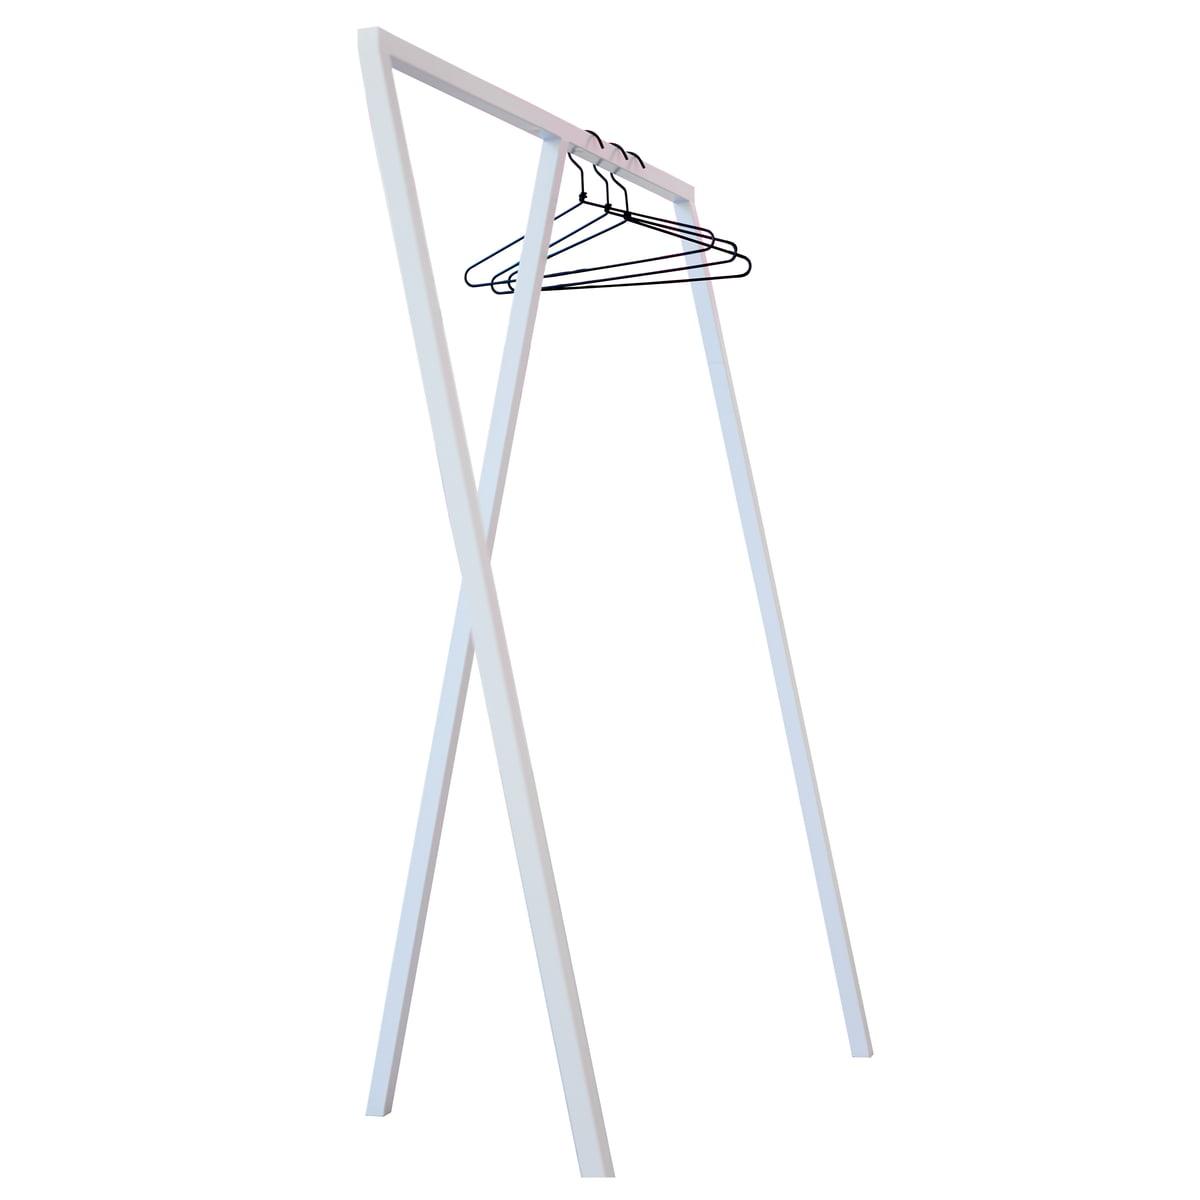 Loop Stand Coat Rack Hay Connox Shop